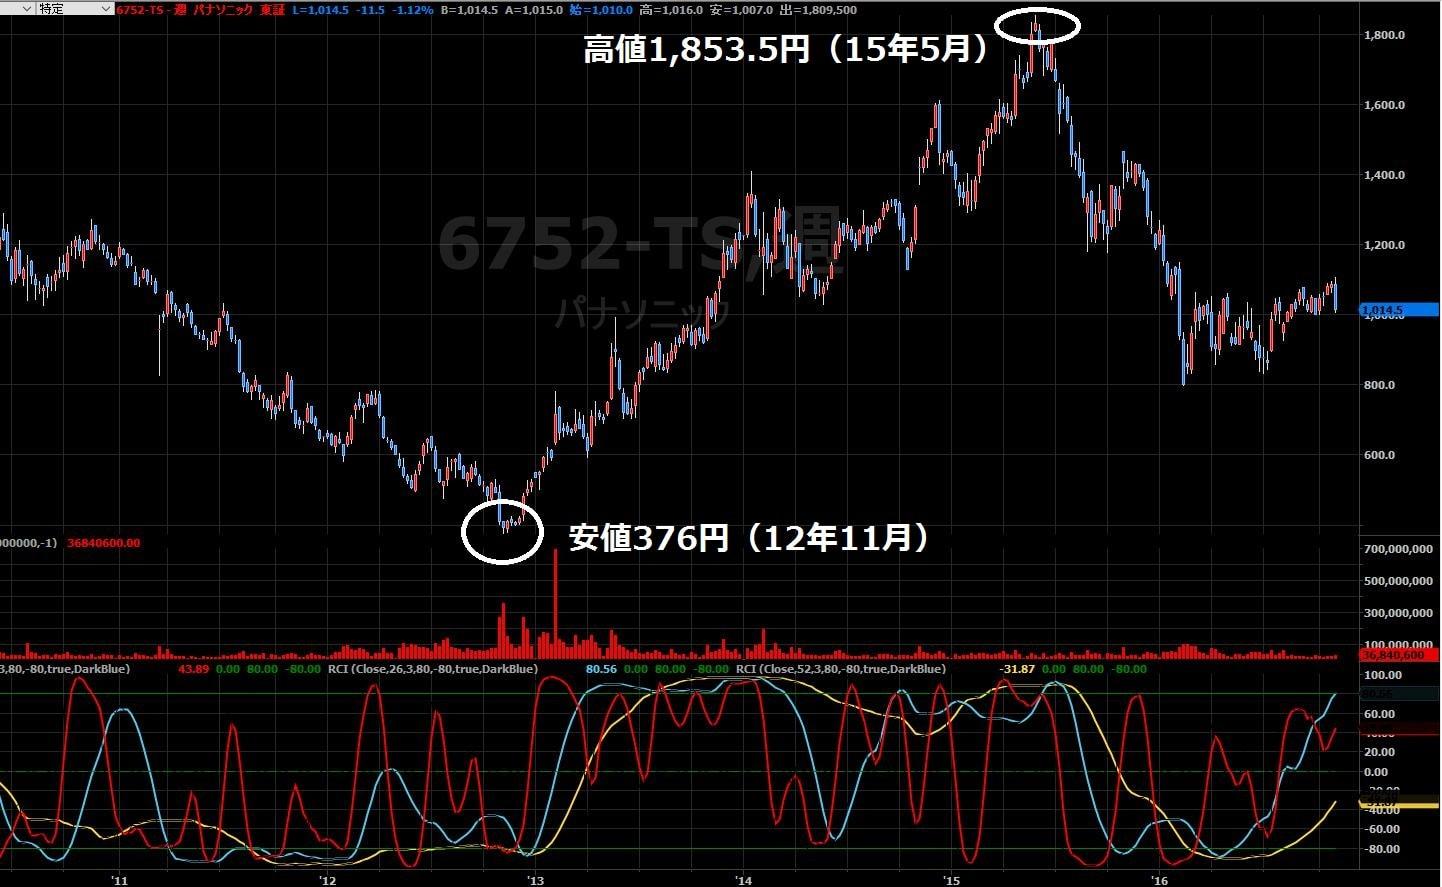 16-11-2パナソニック株価週足-高値と安値